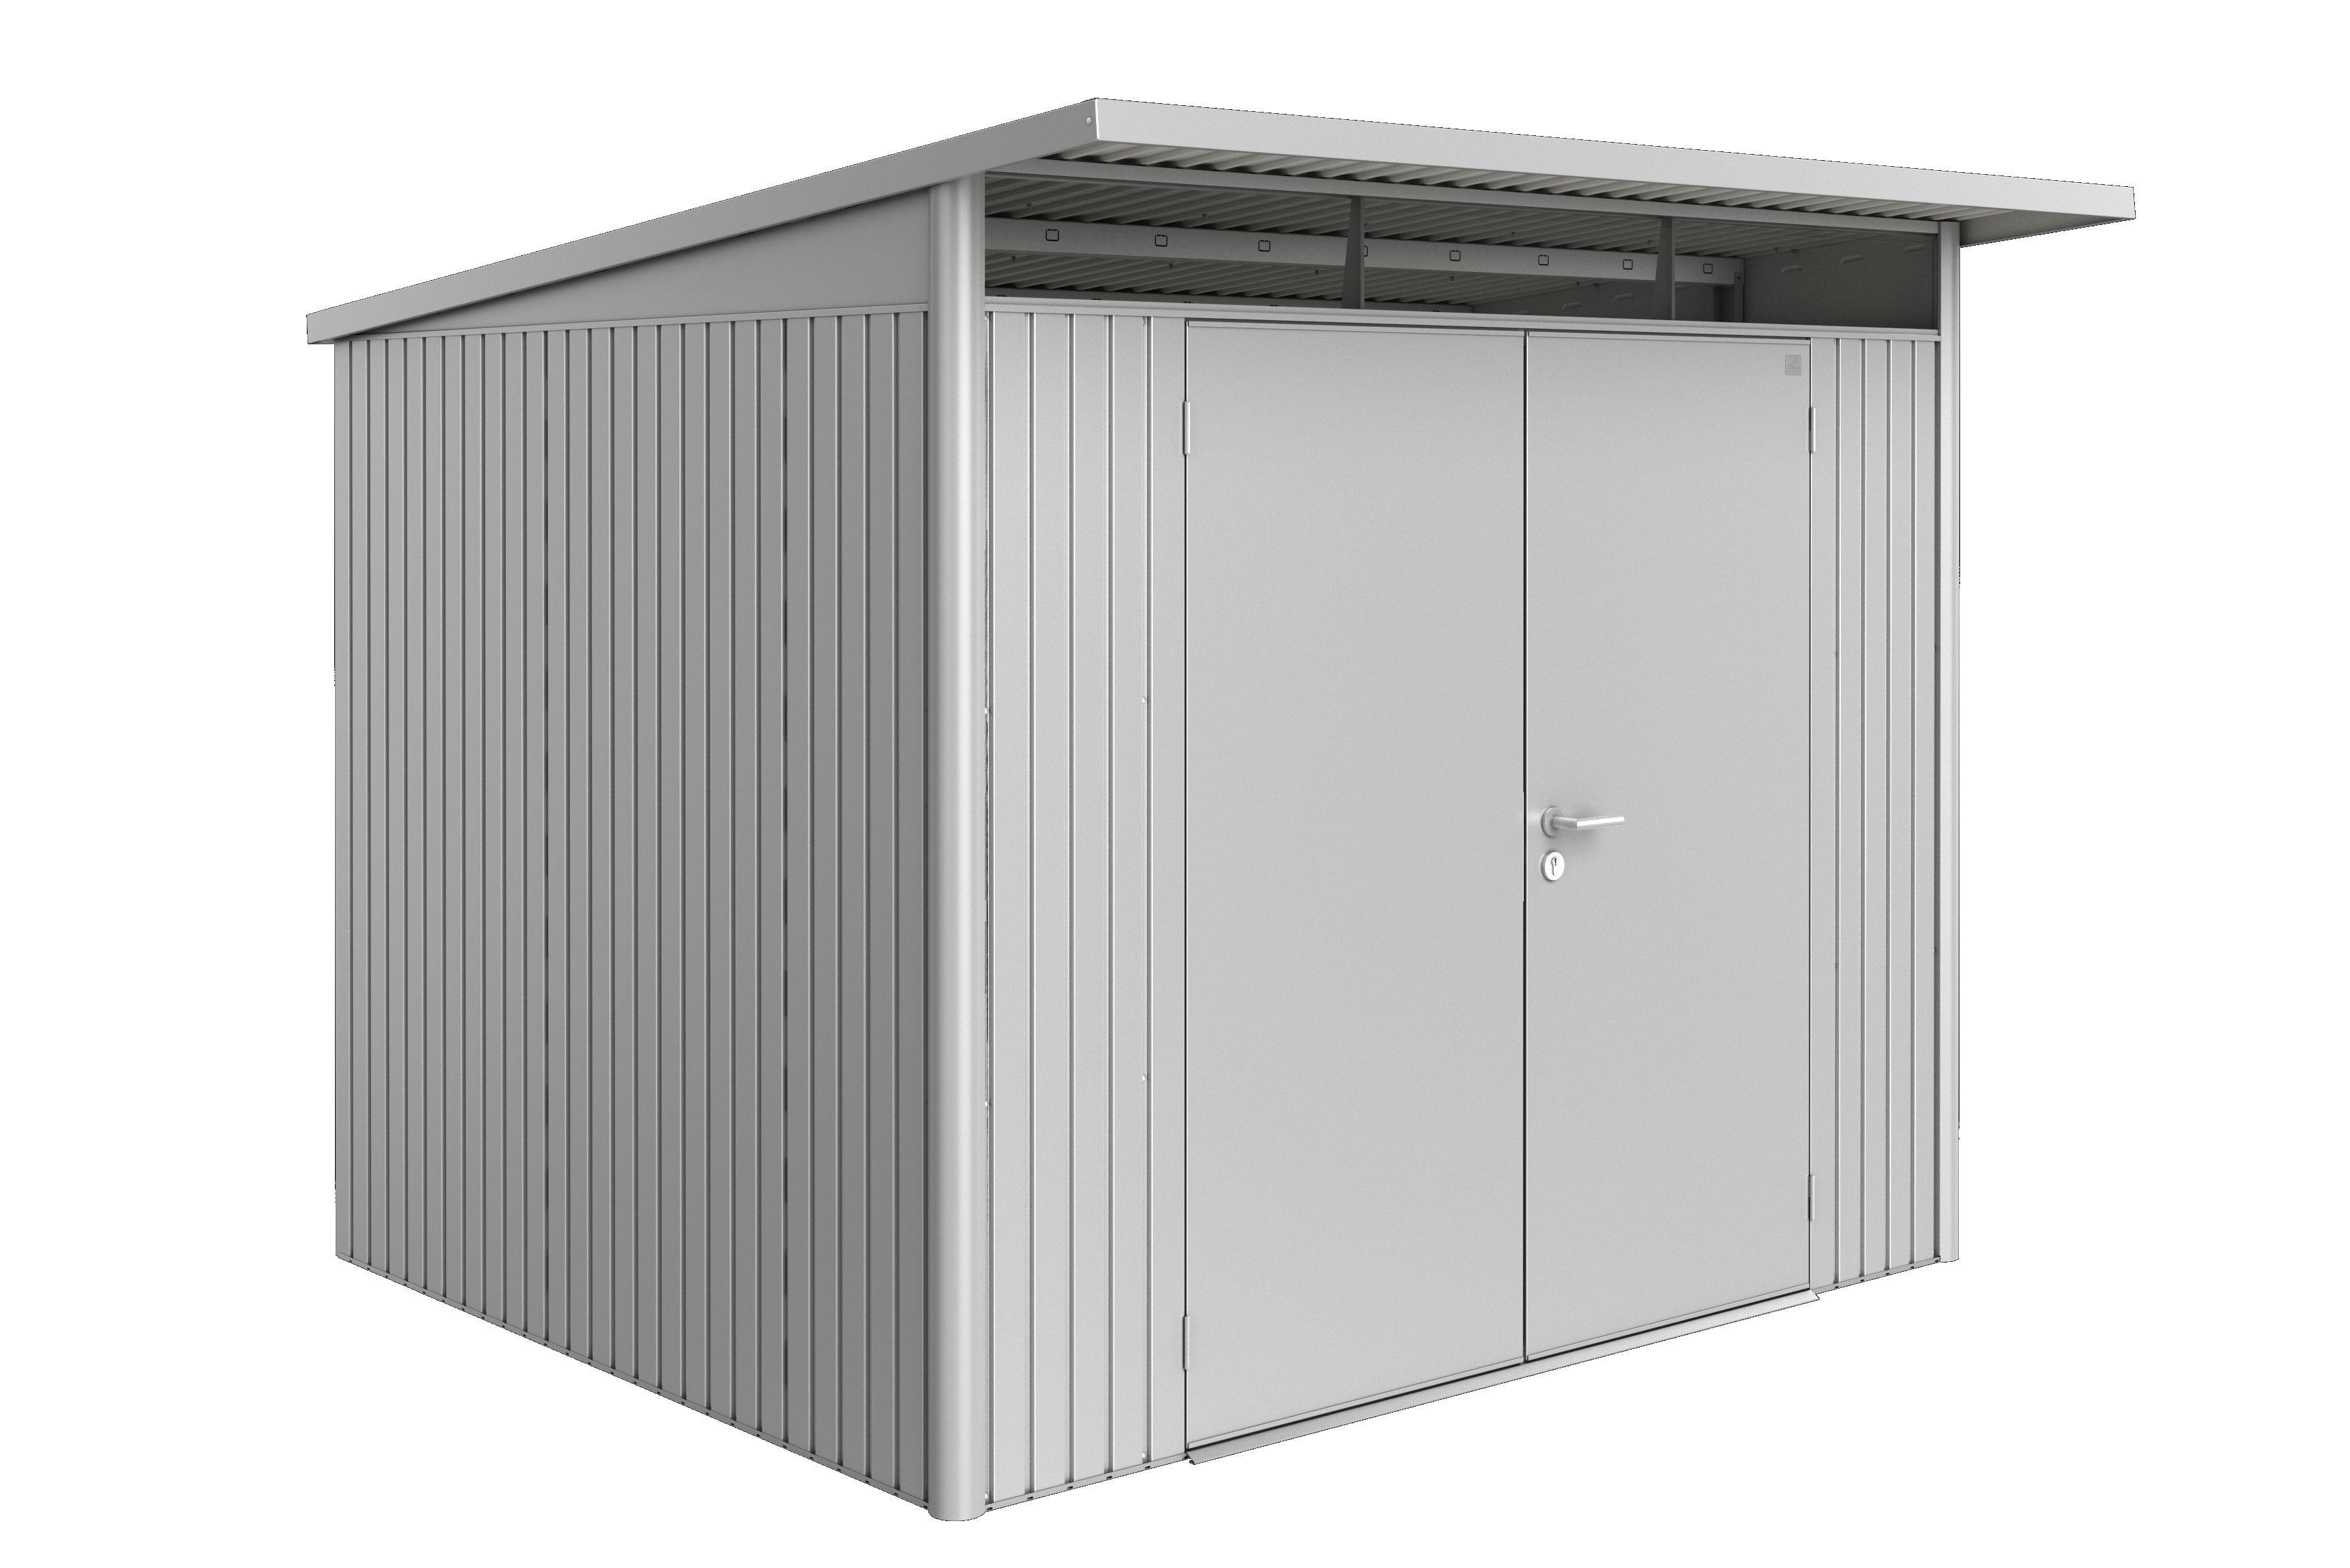 Biohort Zahradní domek AVANTGARDE A6, stříbrná metalíza